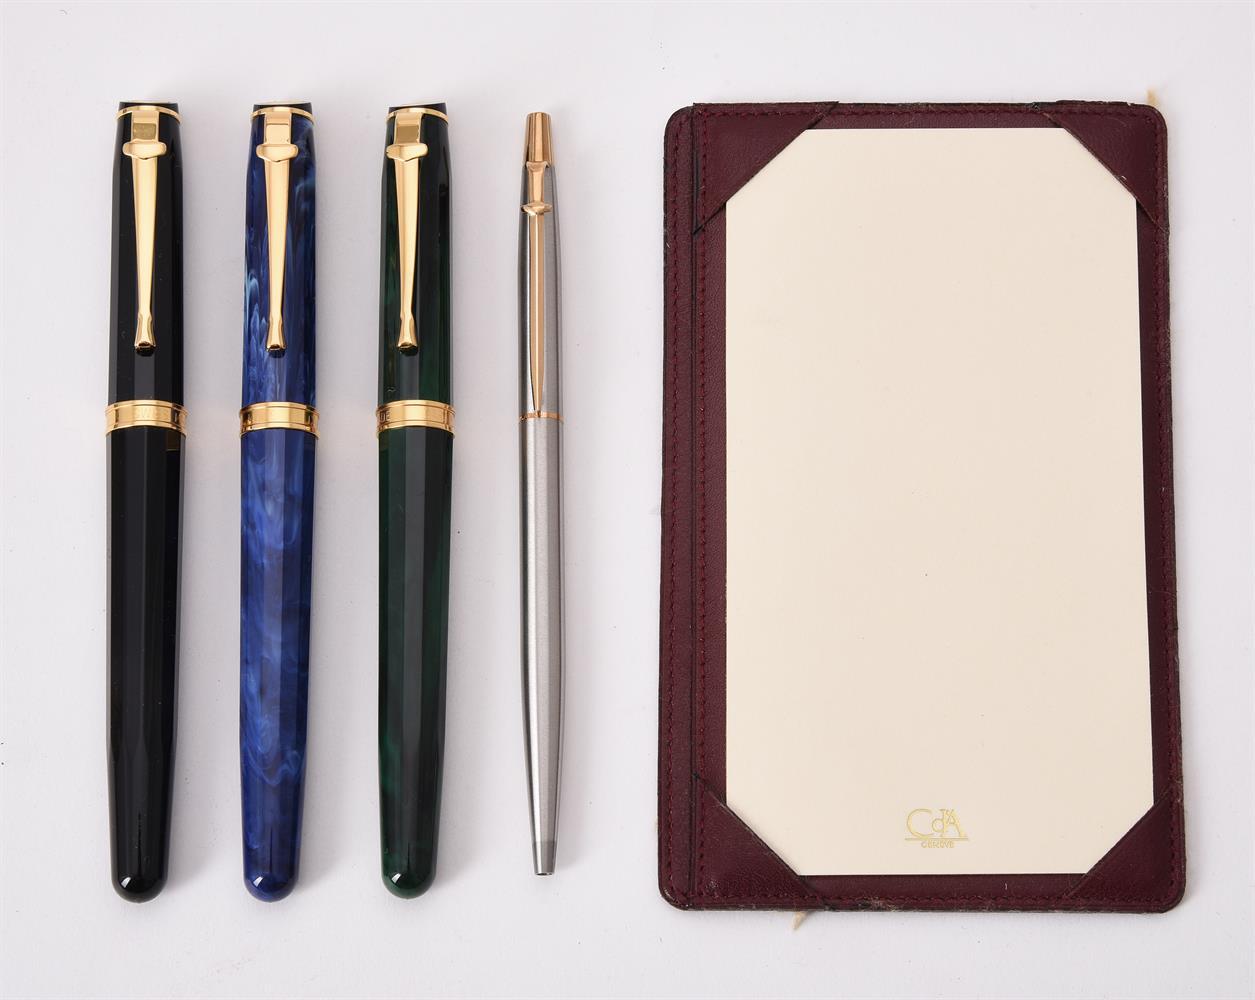 Caran d'Ache, three rollerball pens